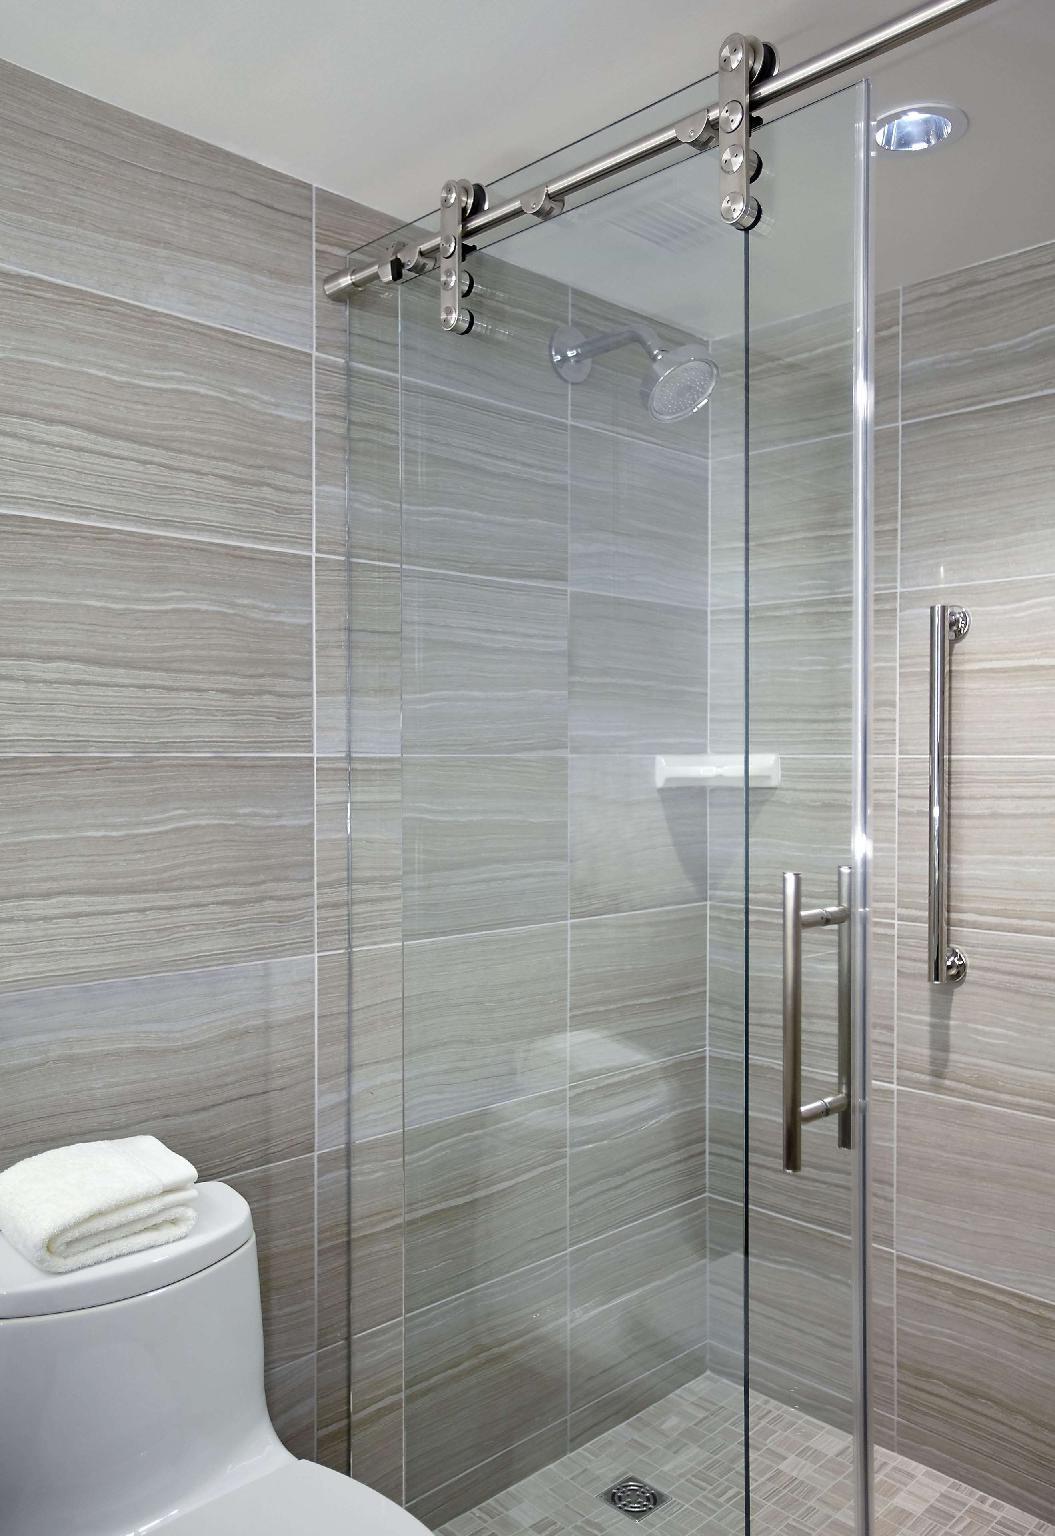 1 Bedroom King Plus Suite